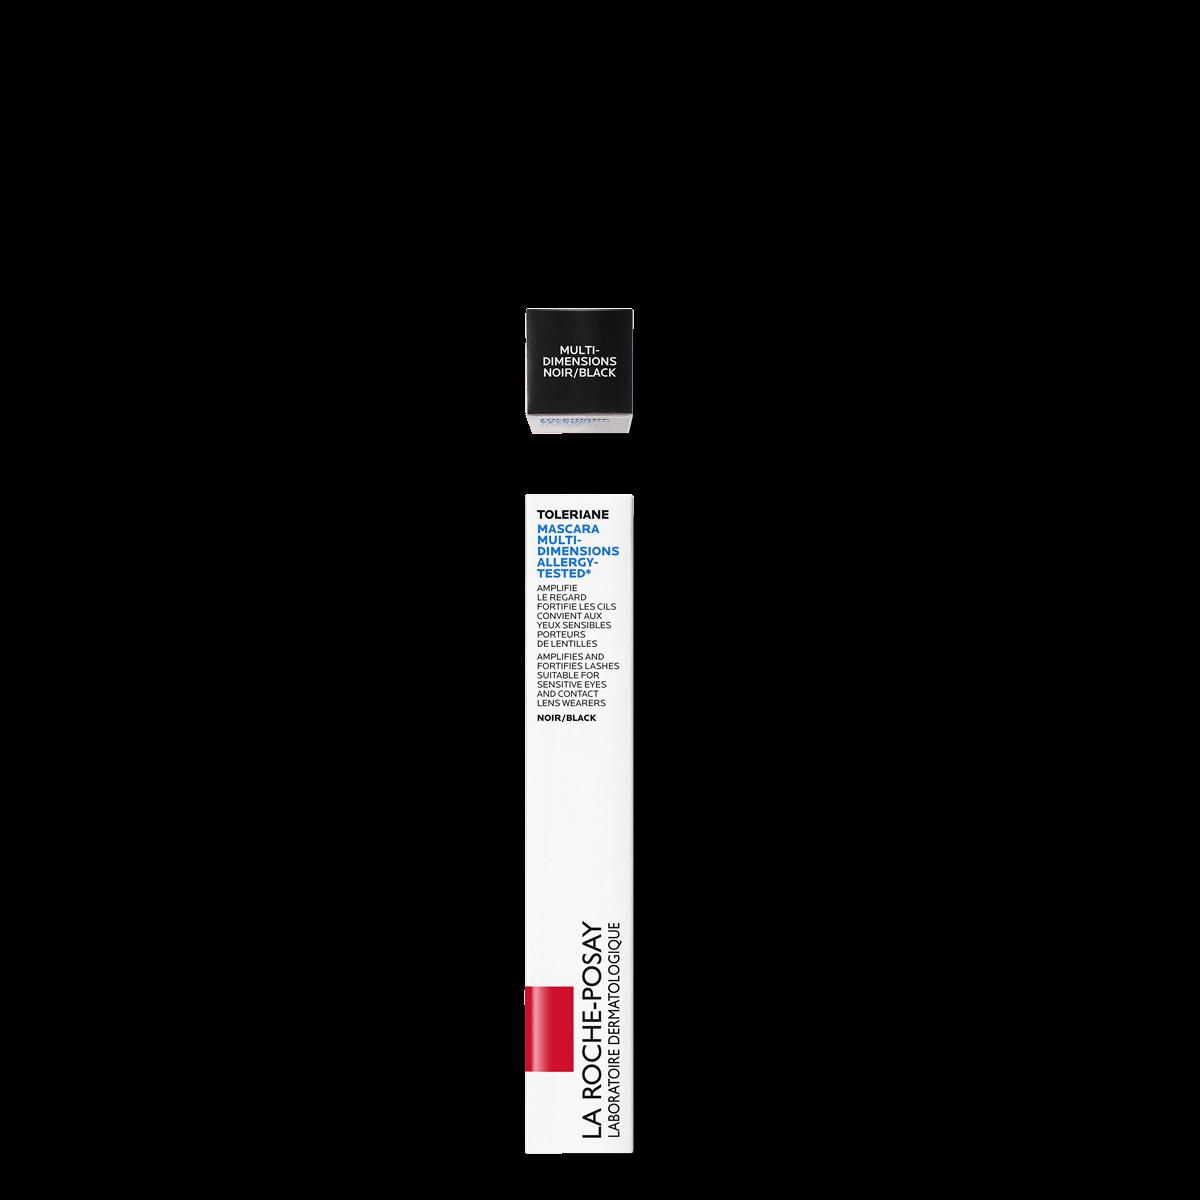 La Roche Posay Sensitive Toleriane Make up MULTIDIMENSIONS MASCARA Bla